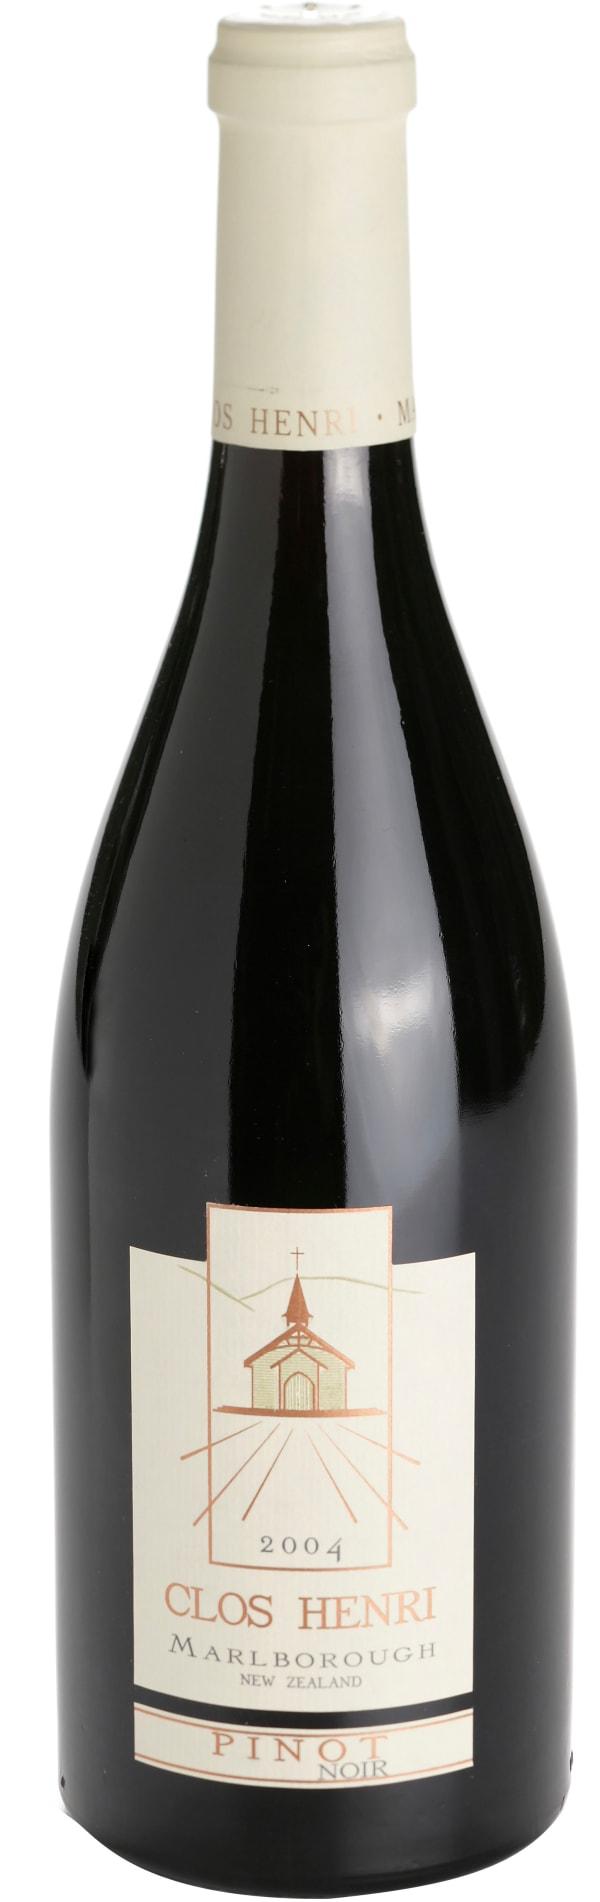 Clos Henri Pinot Noir 2013